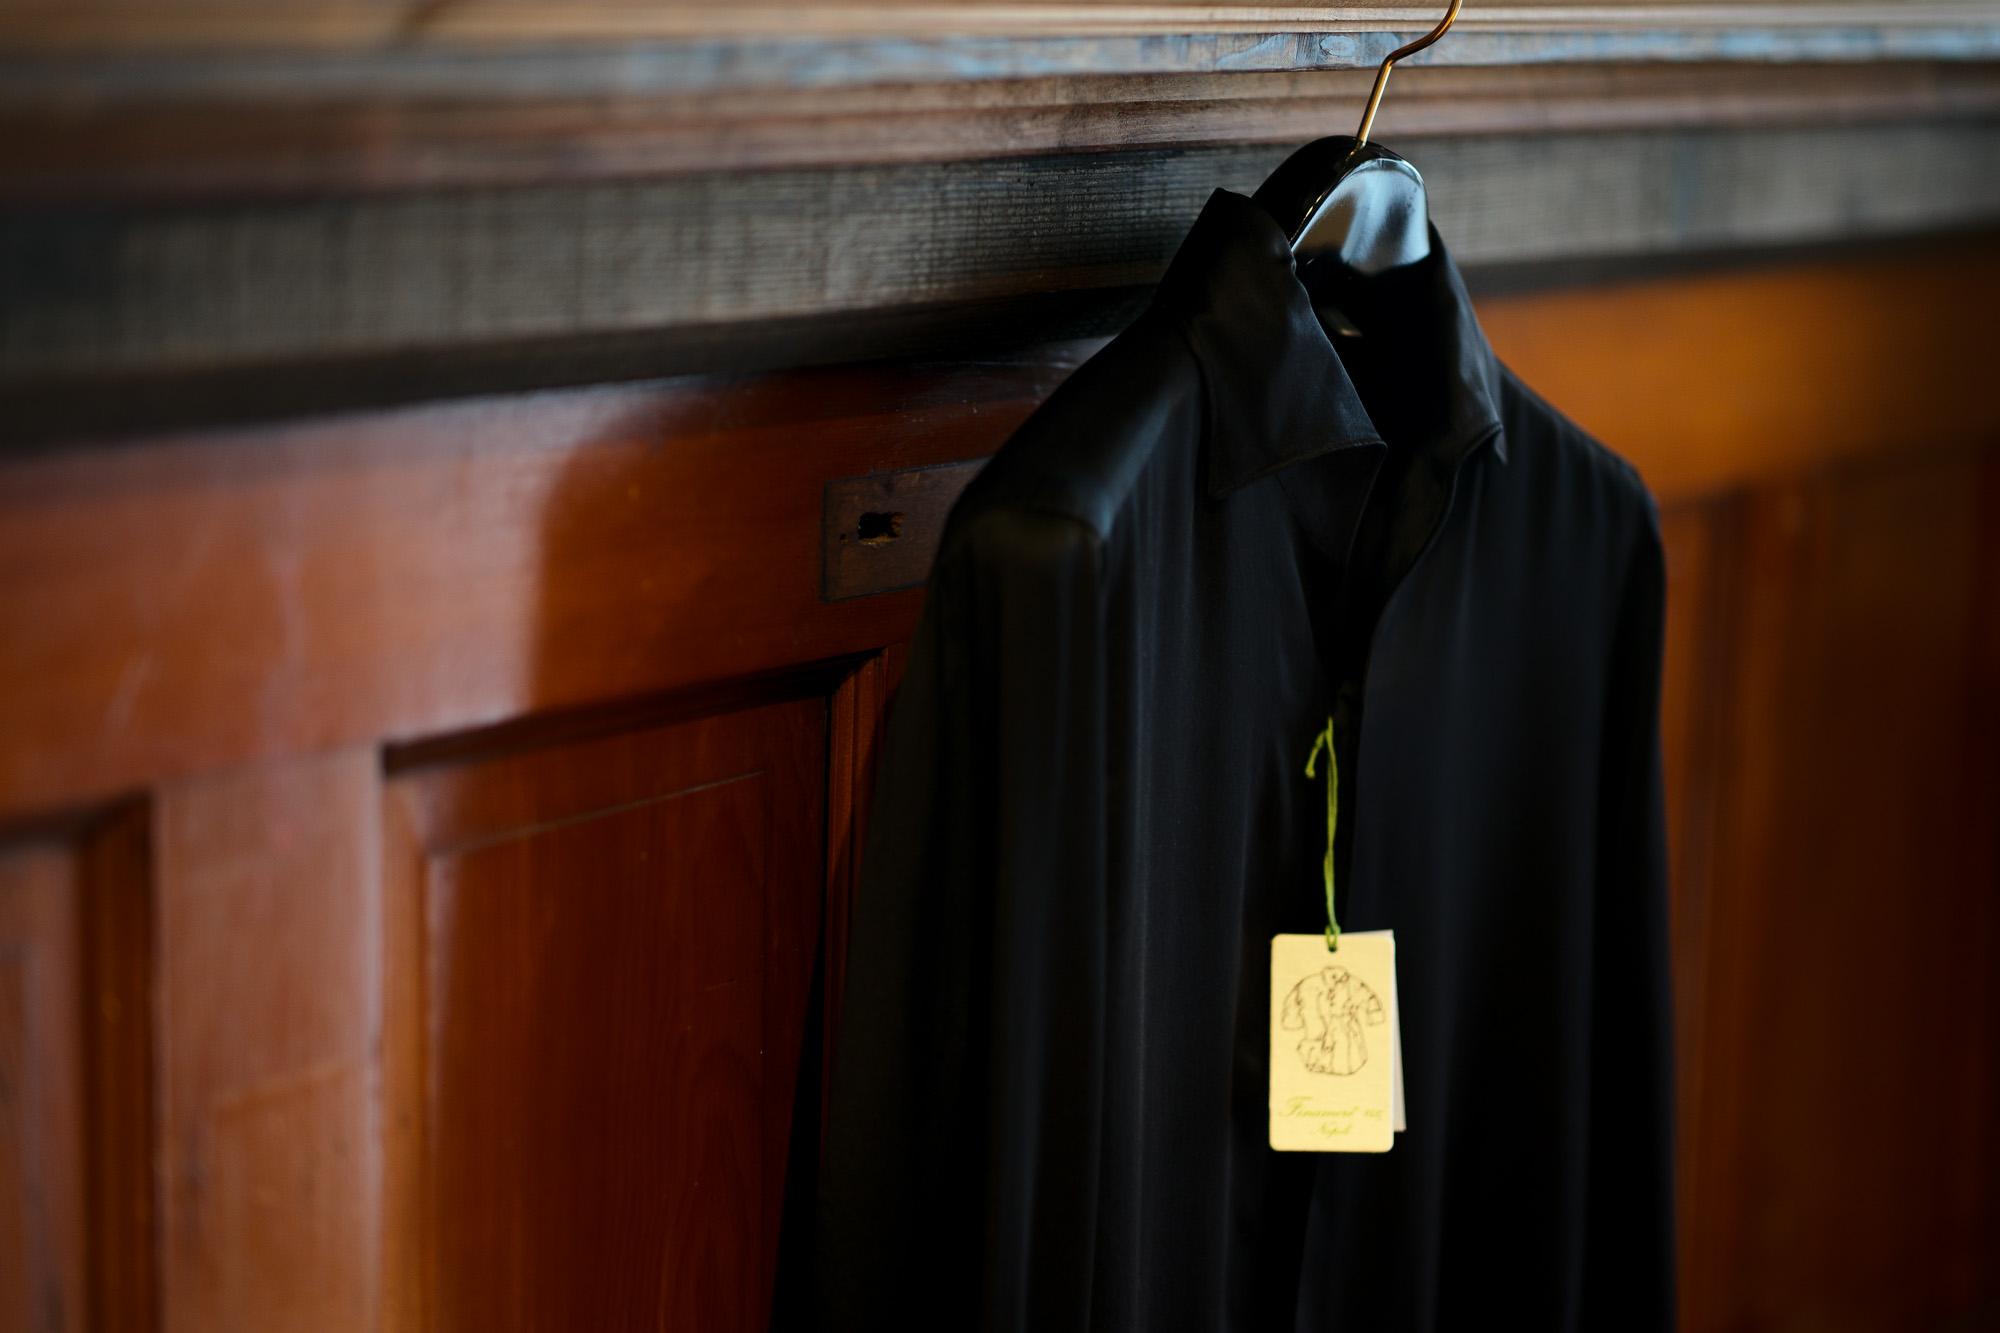 Finamore (フィナモレ) SEUL ITALIAN COLOR SILK SHIRTS シルク ワンピースカラー シャツ BLACK (ブラック・7) made in italy (イタリア製) 2020 秋冬新作 シルクシャツ 愛知 名古屋 Alto e Diritto アルトエデリット altoediritto